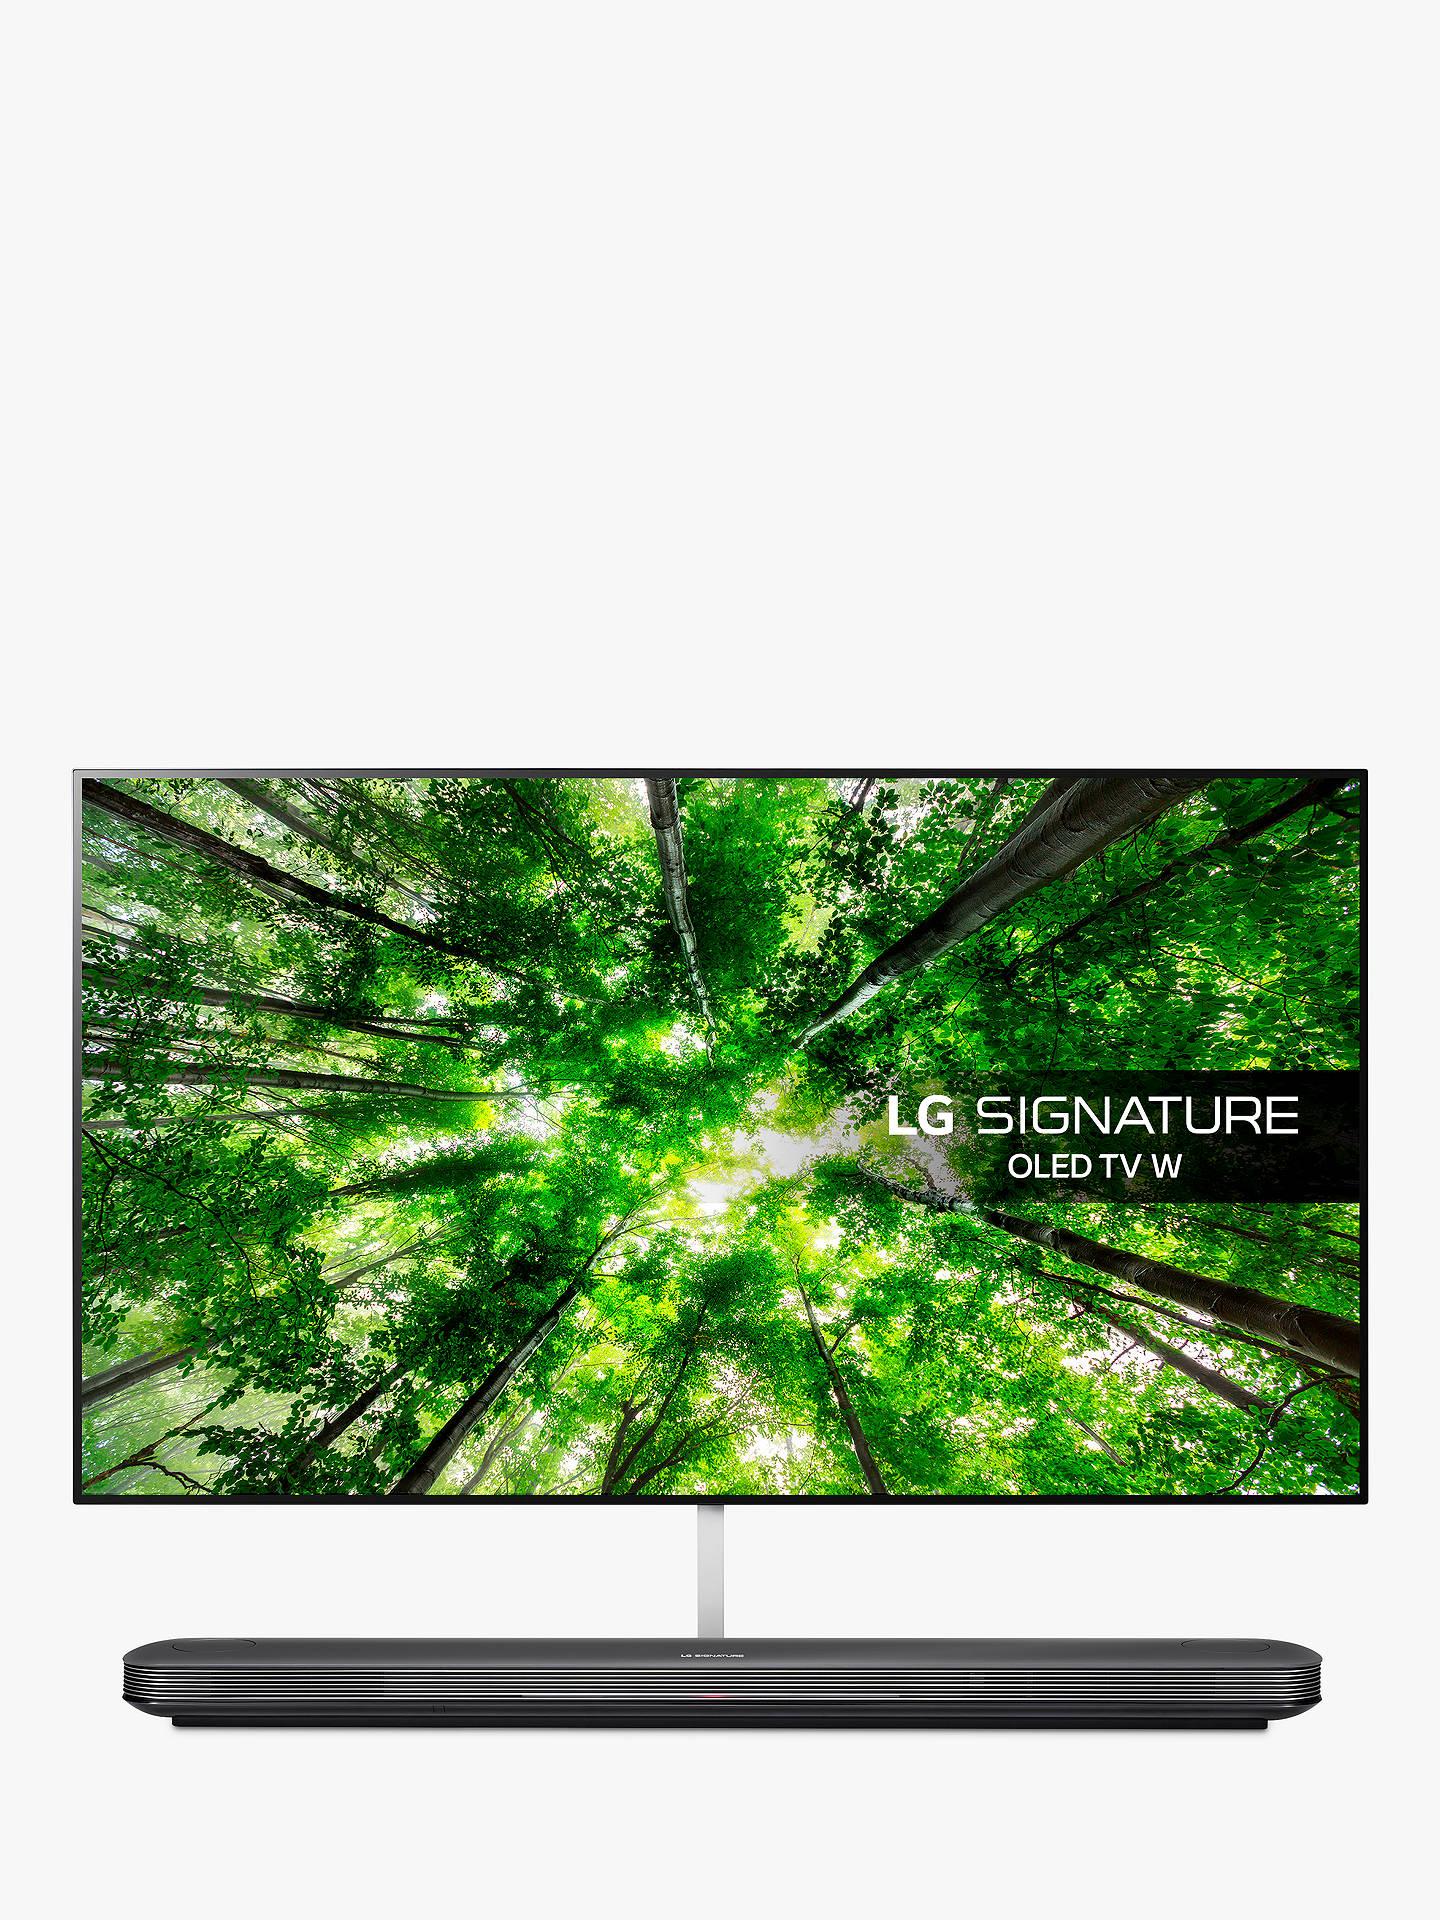 LG OLED65W8PLA Signature OLED HDR 4K Ultra HD Smart TV, 65